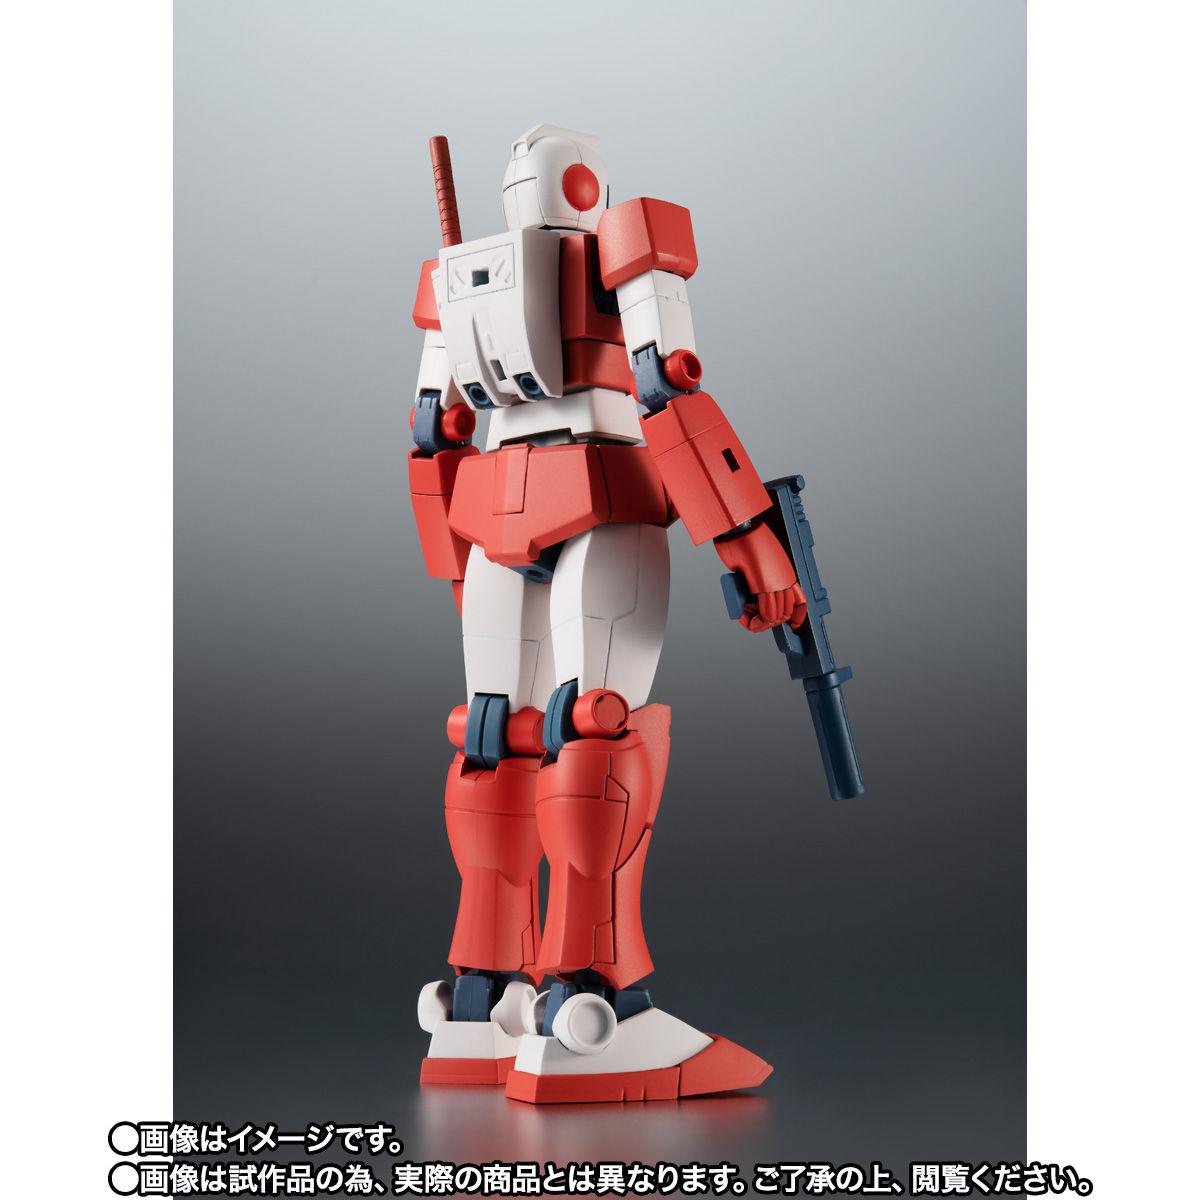 【限定販売】ROBOT魂〈SIDE MS〉『RGM-79L ジム・ライトアーマー ver. A.N.I.M.E.』ガンダムMSV 可動フィギュア-004